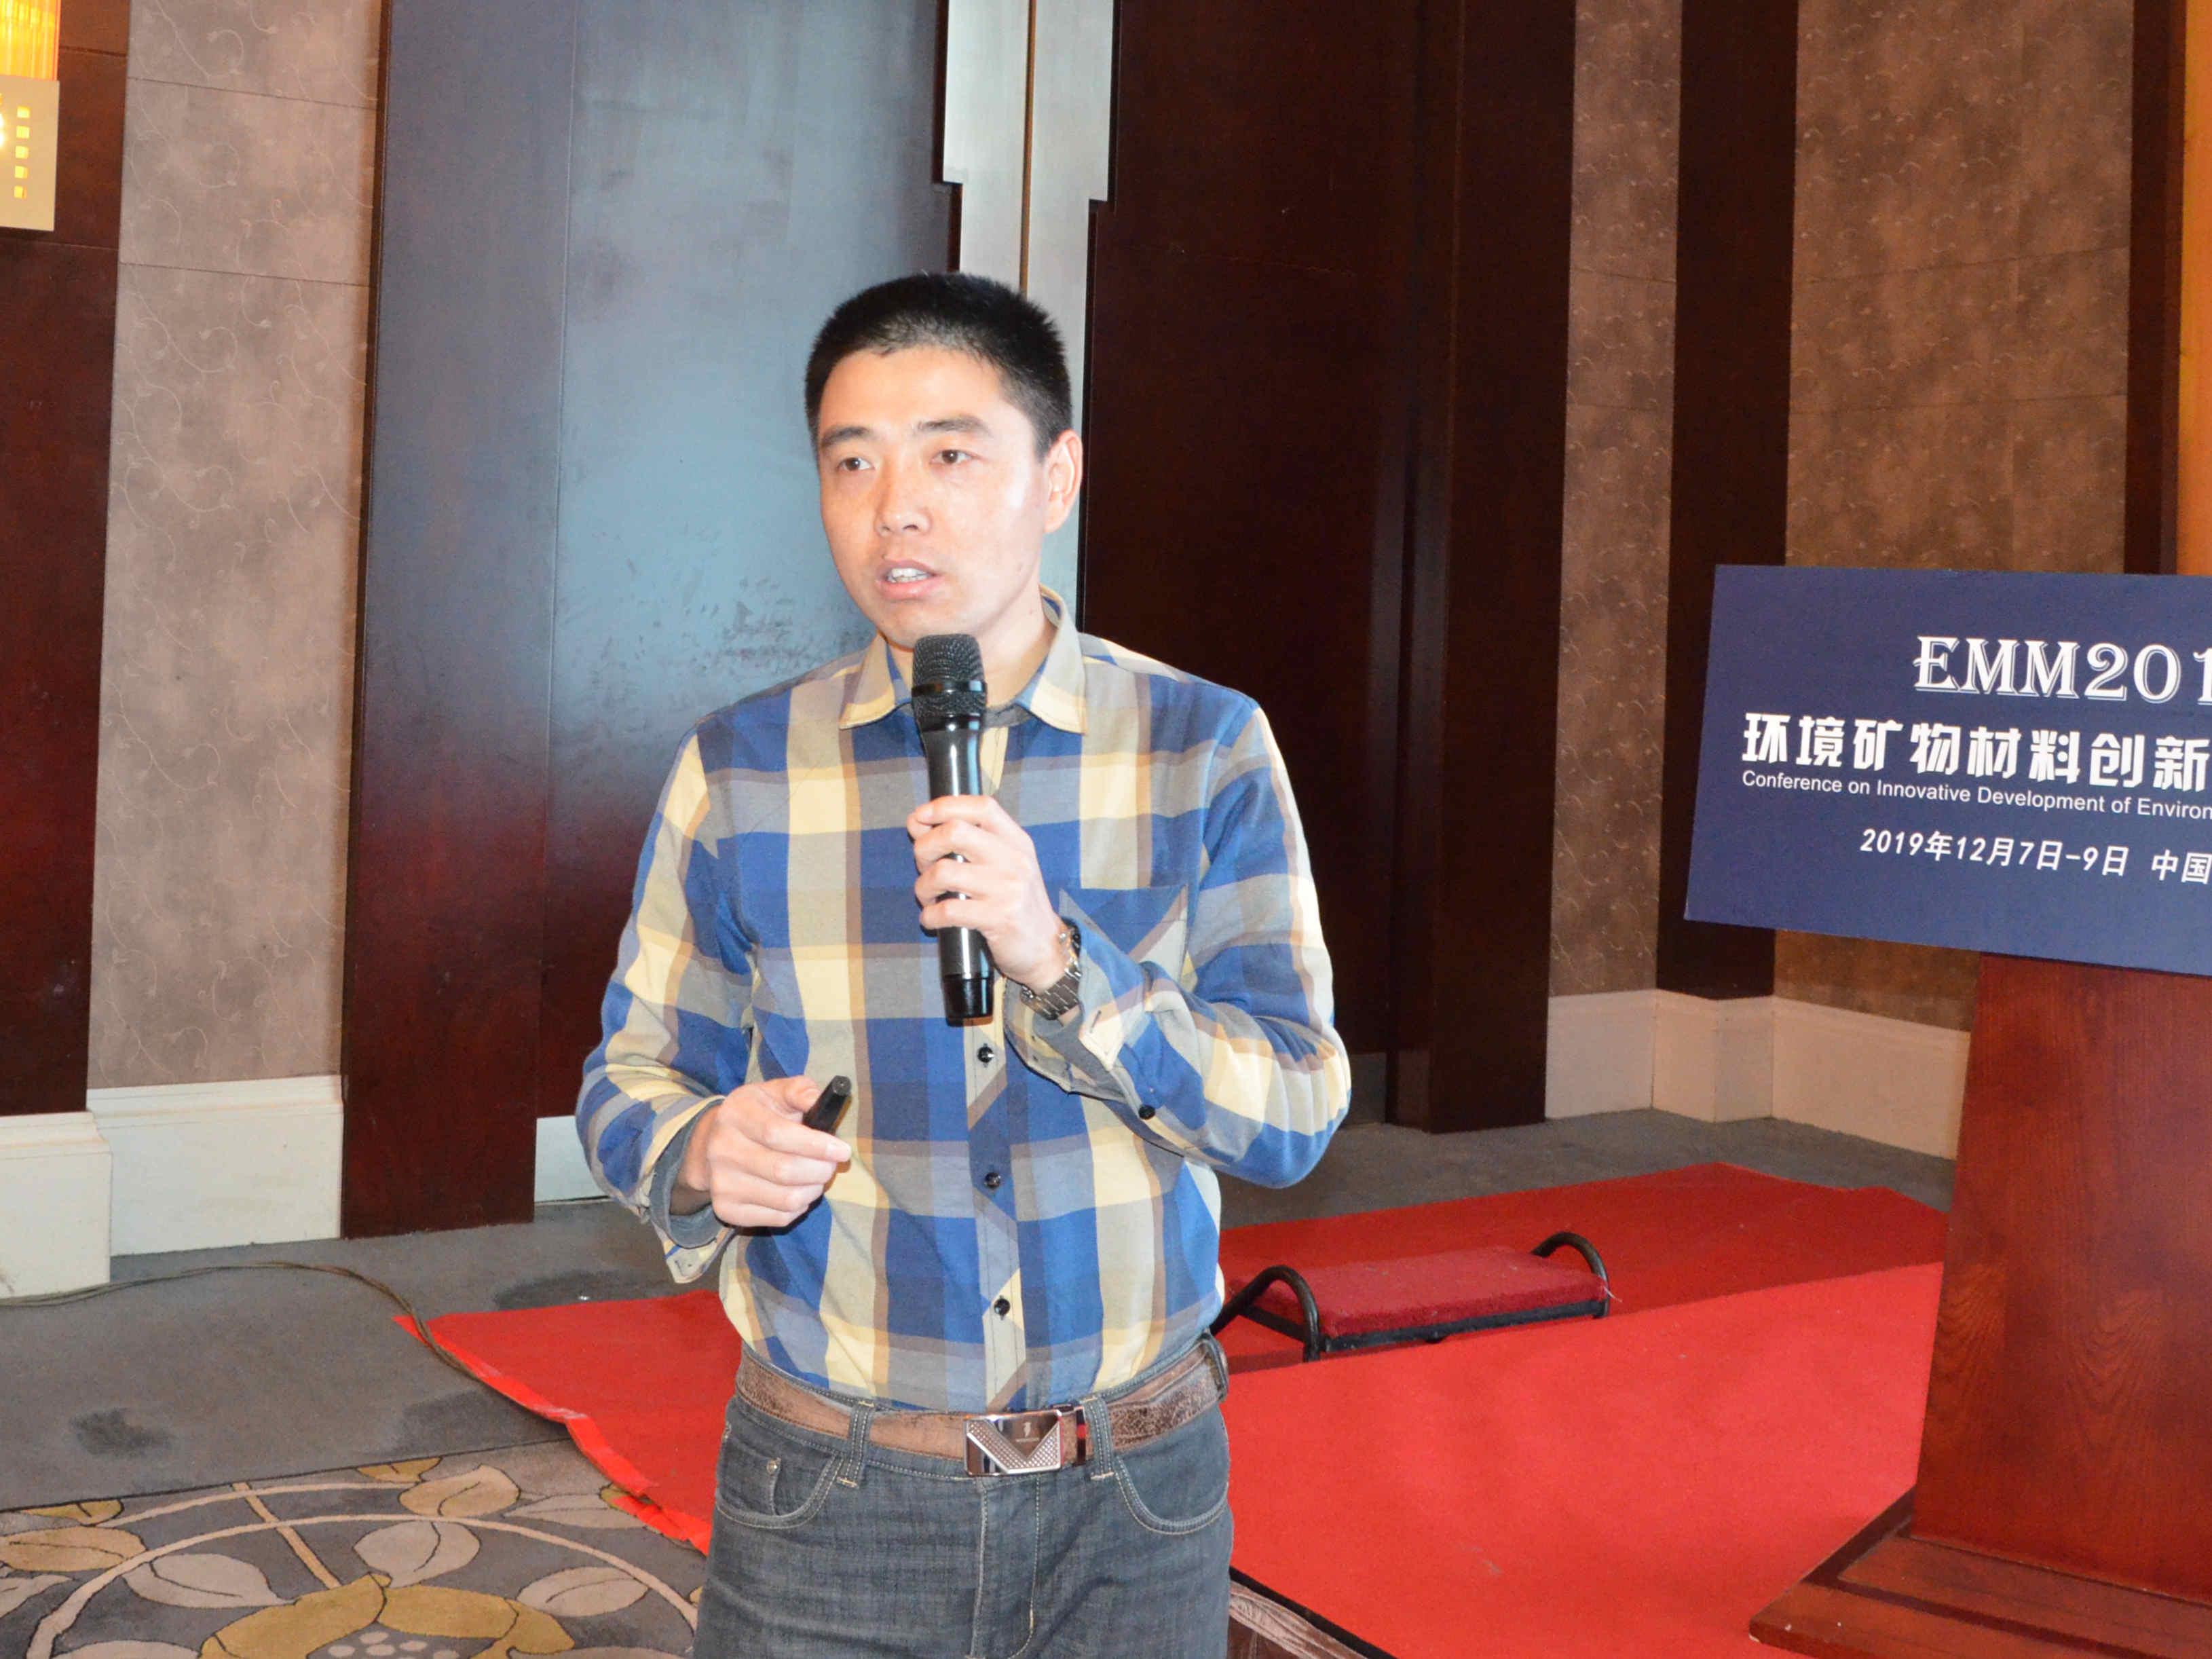 中南大学副教授欧阳静作《环境矿物功能材料的基础研究与应用开发》专题报告